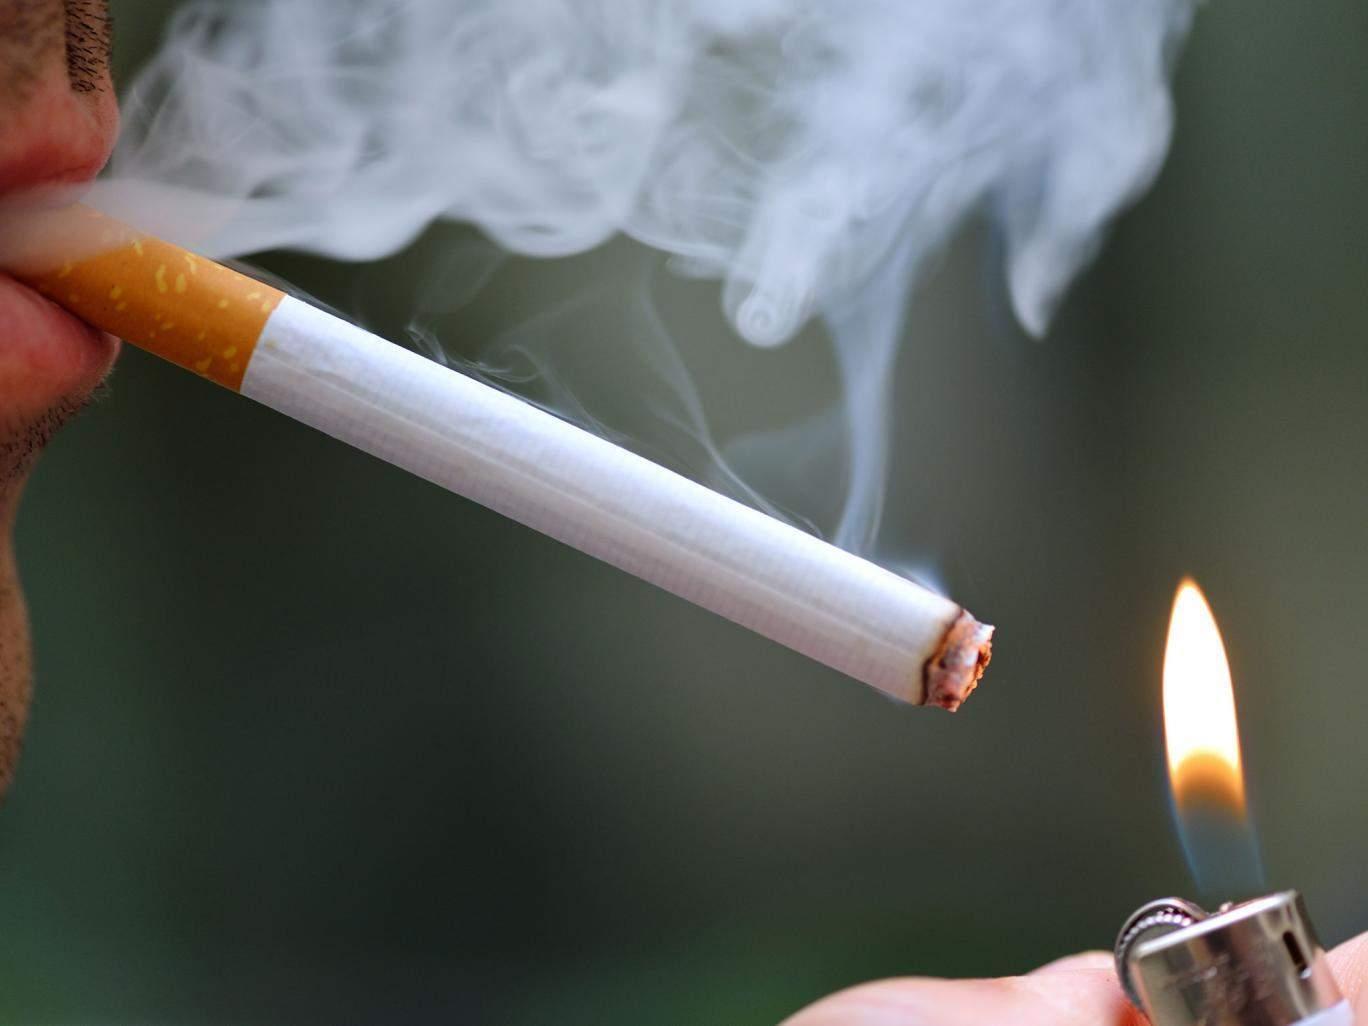 Nam sinh nghiện thuốc lá nặng vì bố và ông nội cho hút thuốc lào từ năm 6 tuổi - 1